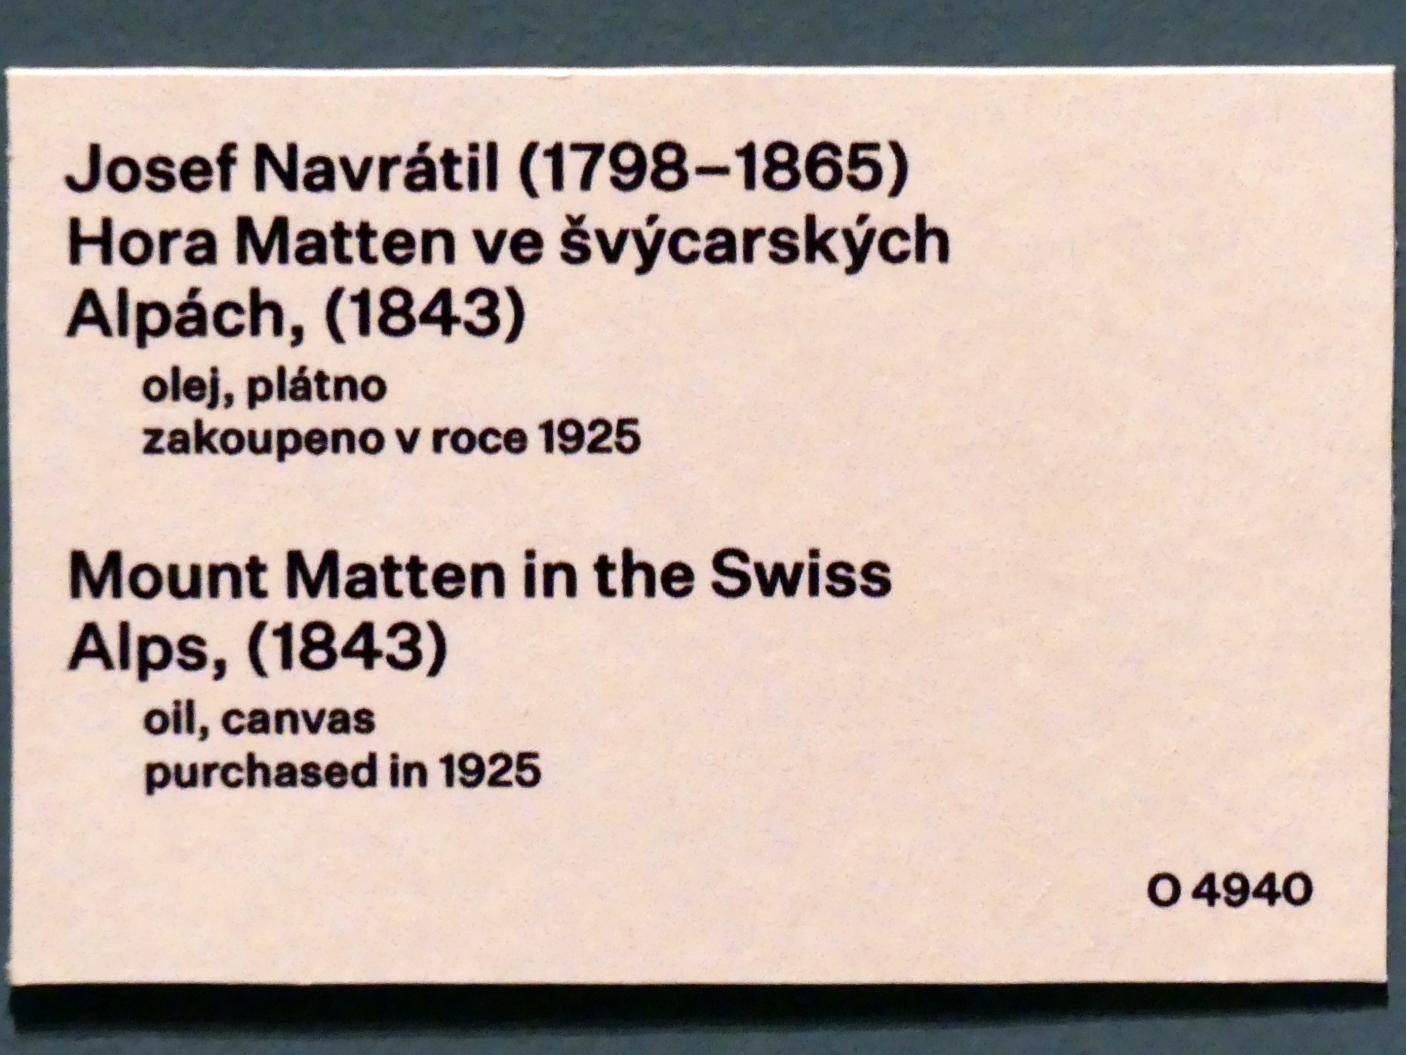 Josef Navrátil: Berg Matten in den Schweizer Alpen, 1843, Bild 2/2